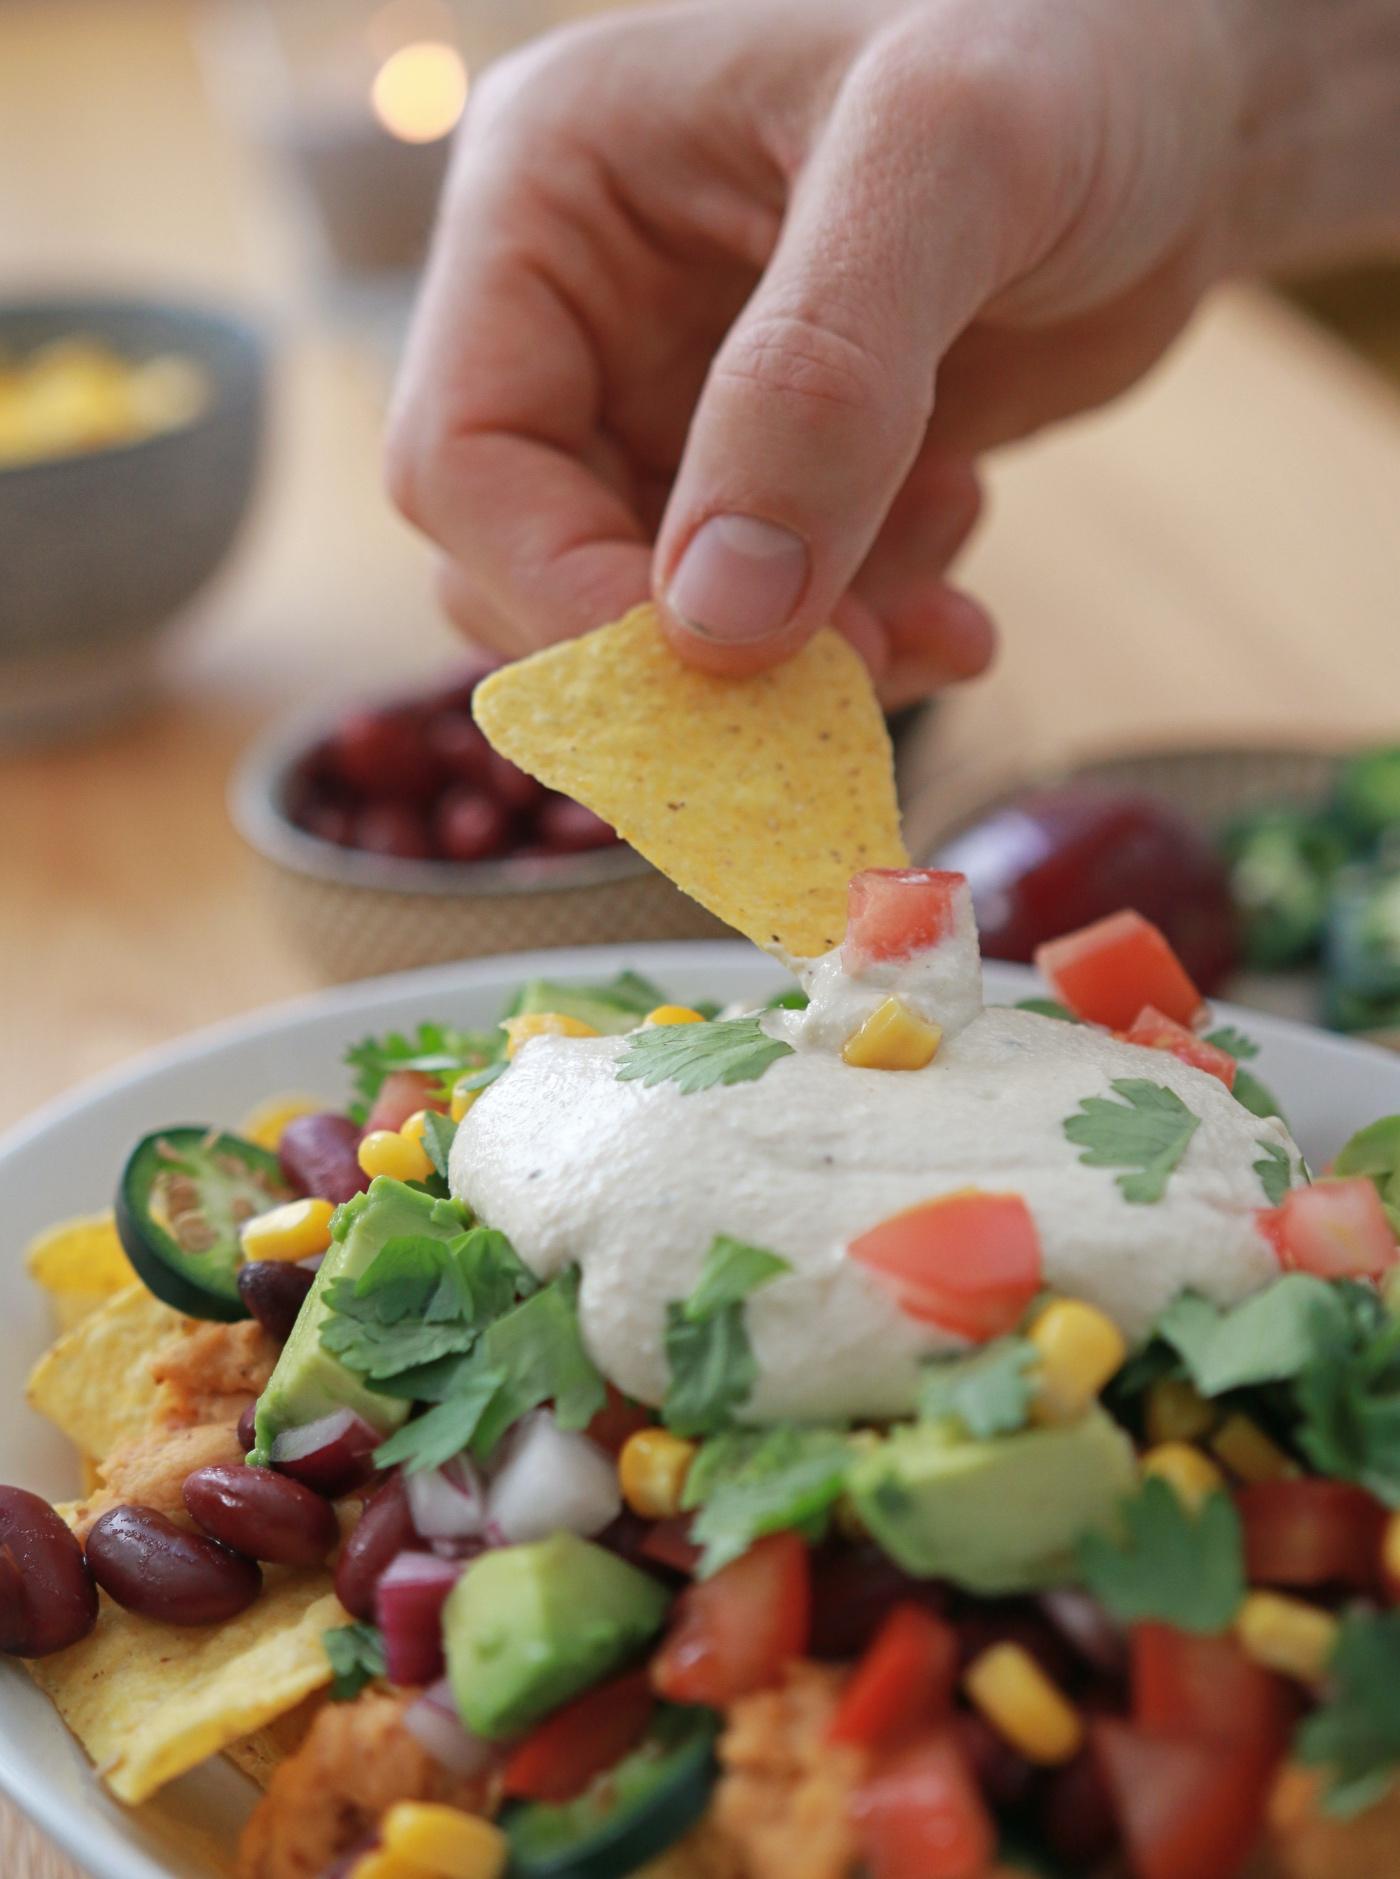 Mijn versie voor vegan nachos - zo lekker!